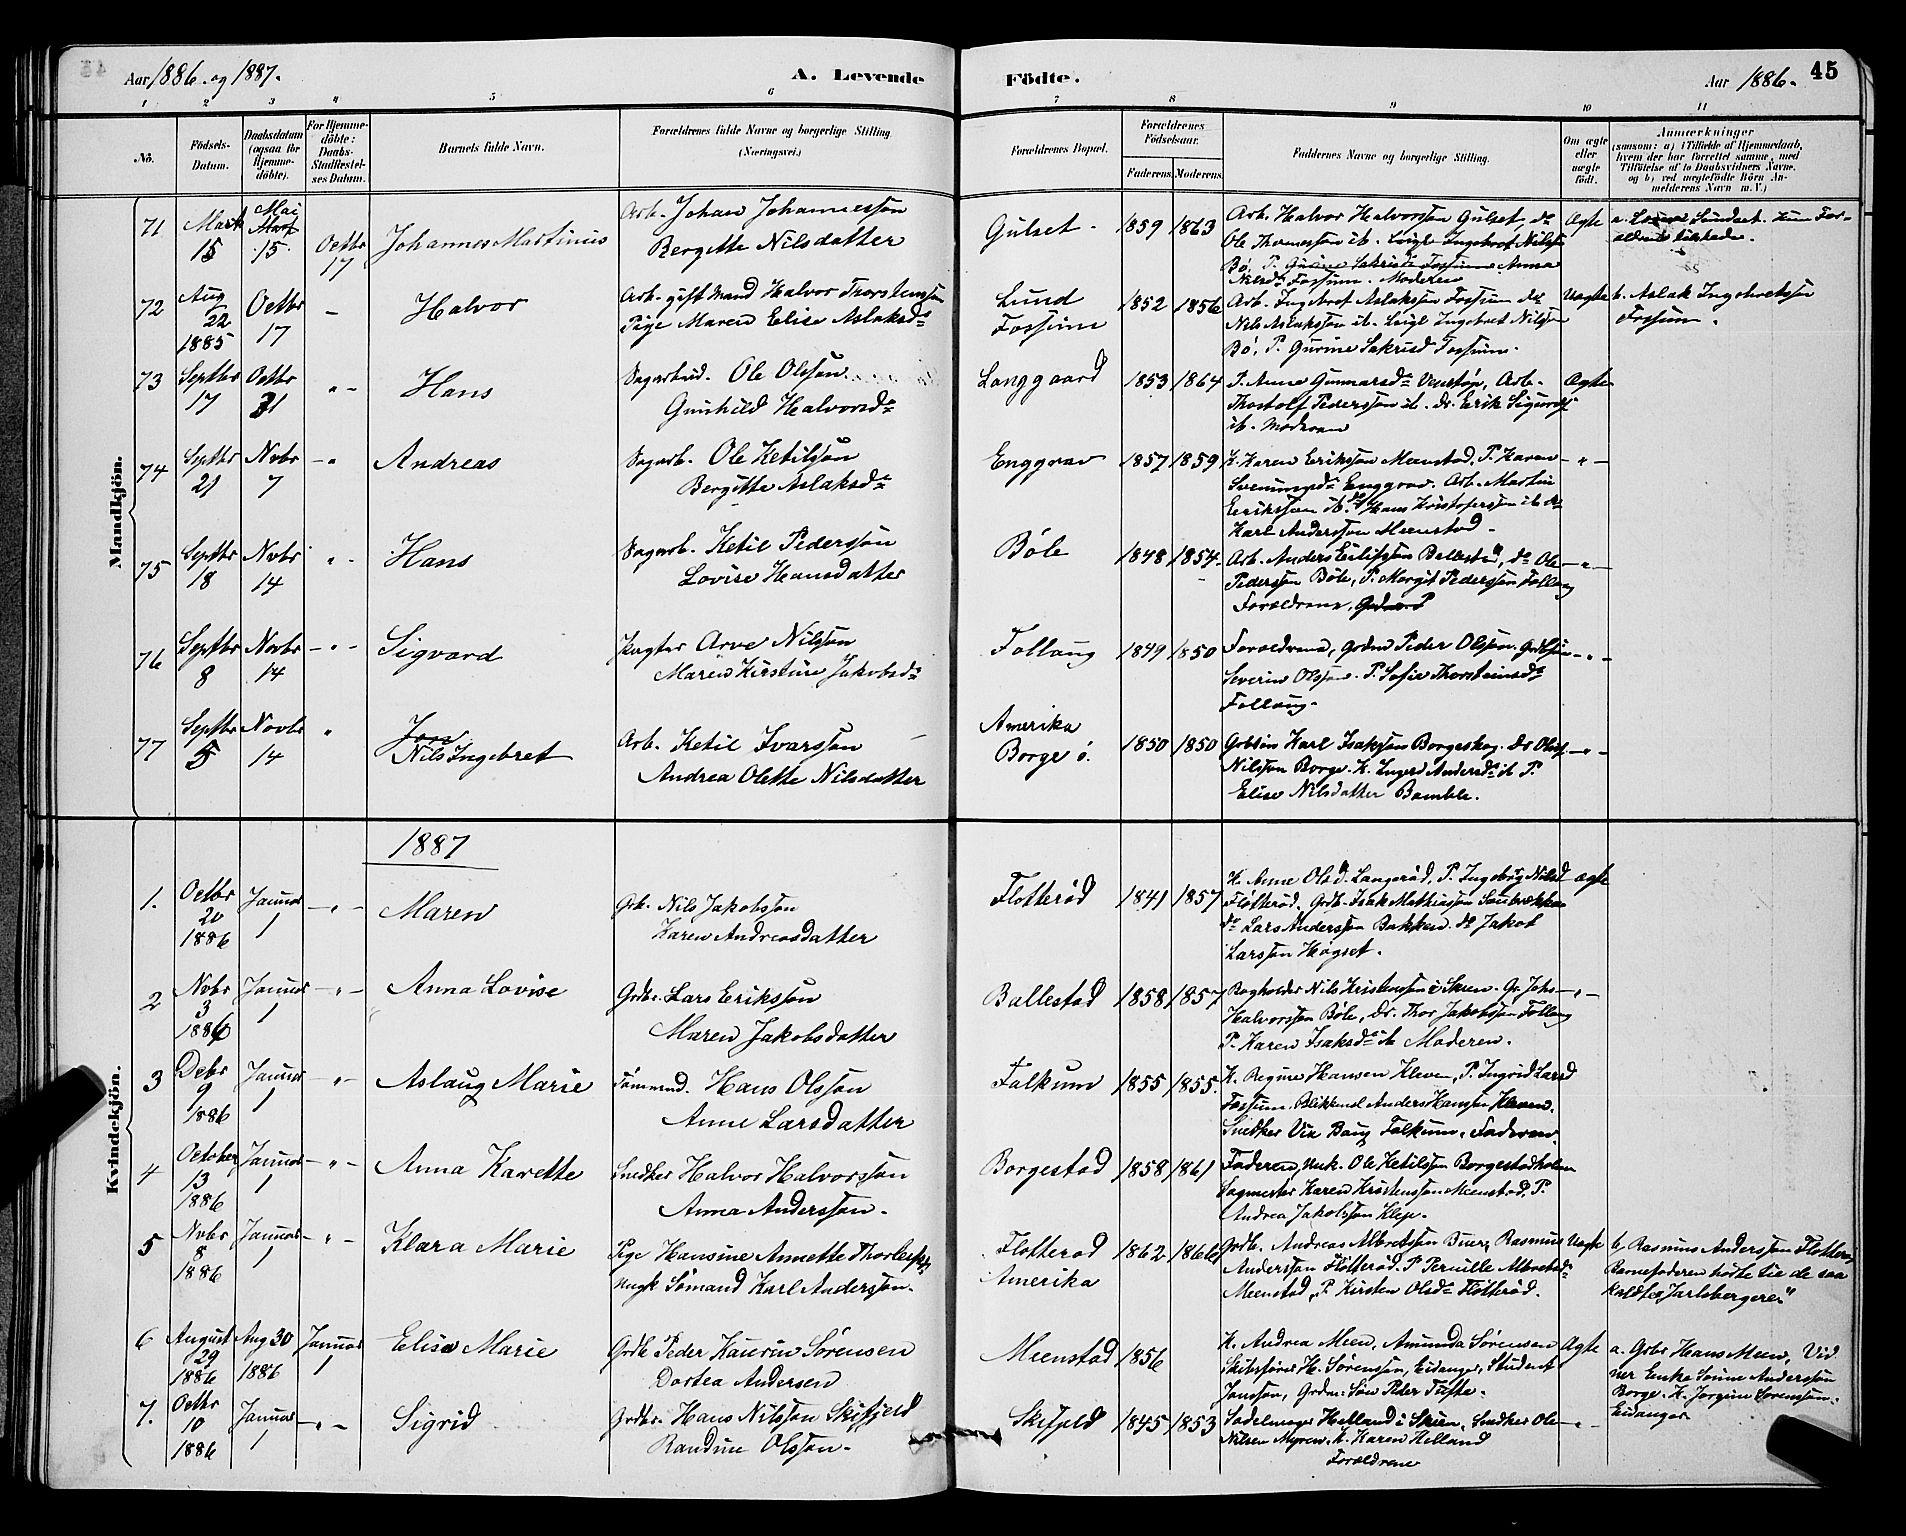 SAKO, Gjerpen kirkebøker, G/Ga/L0002: Klokkerbok nr. I 2, 1883-1900, s. 45